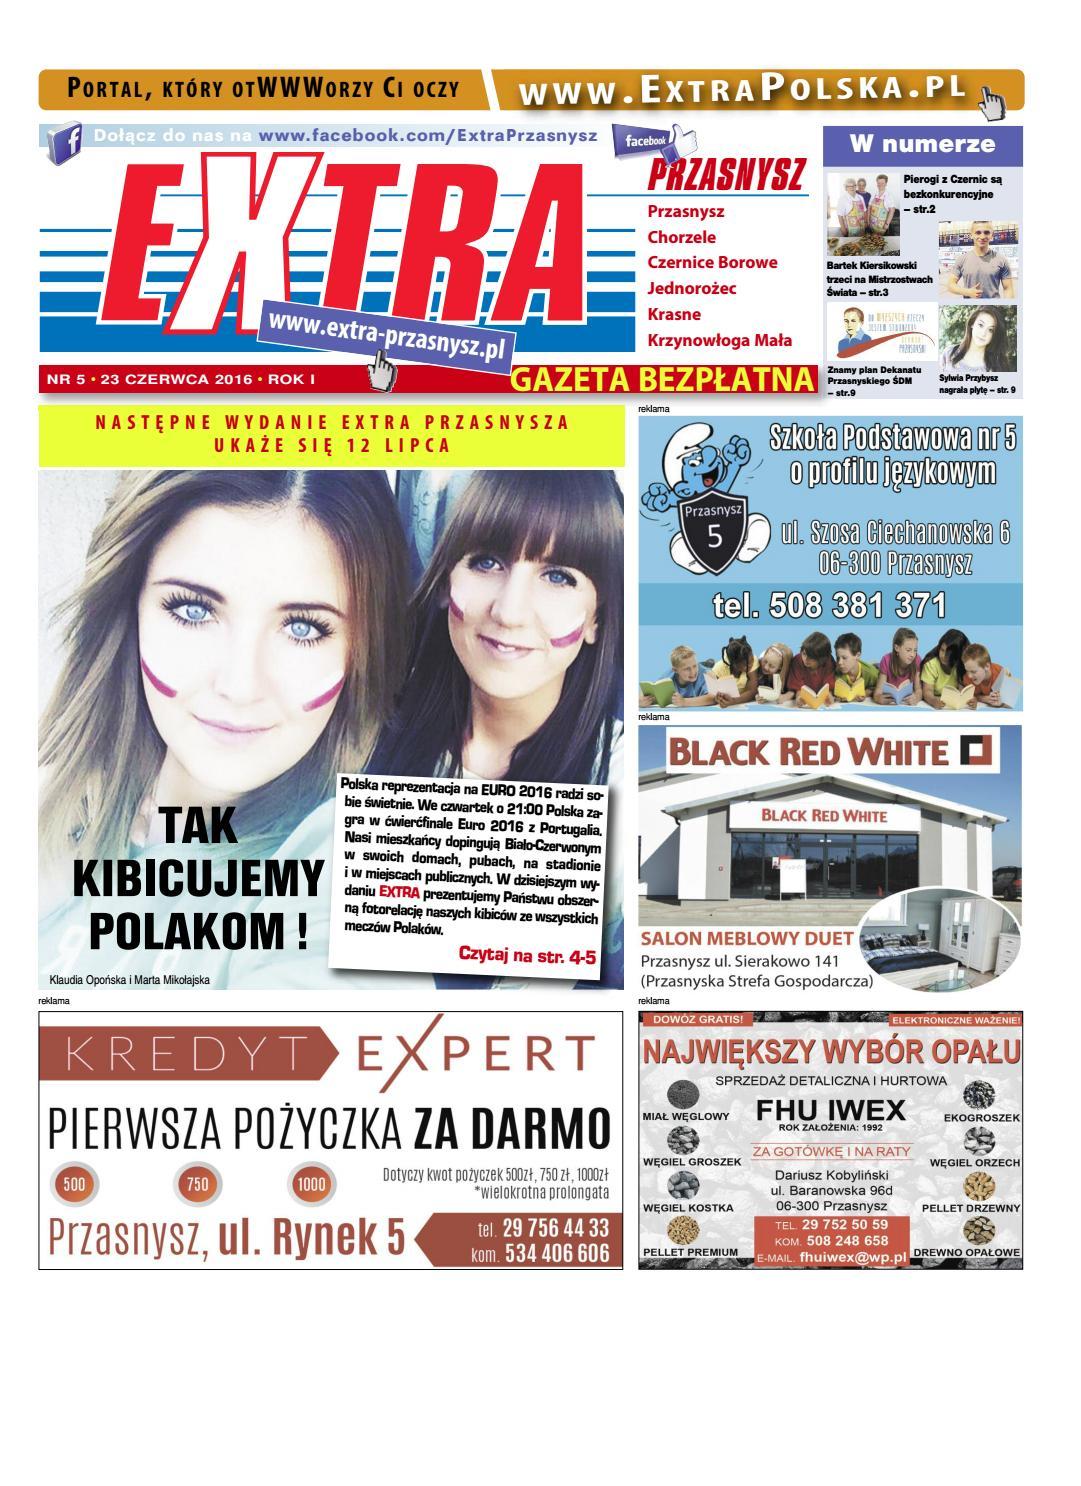 Single Article - Szkoa